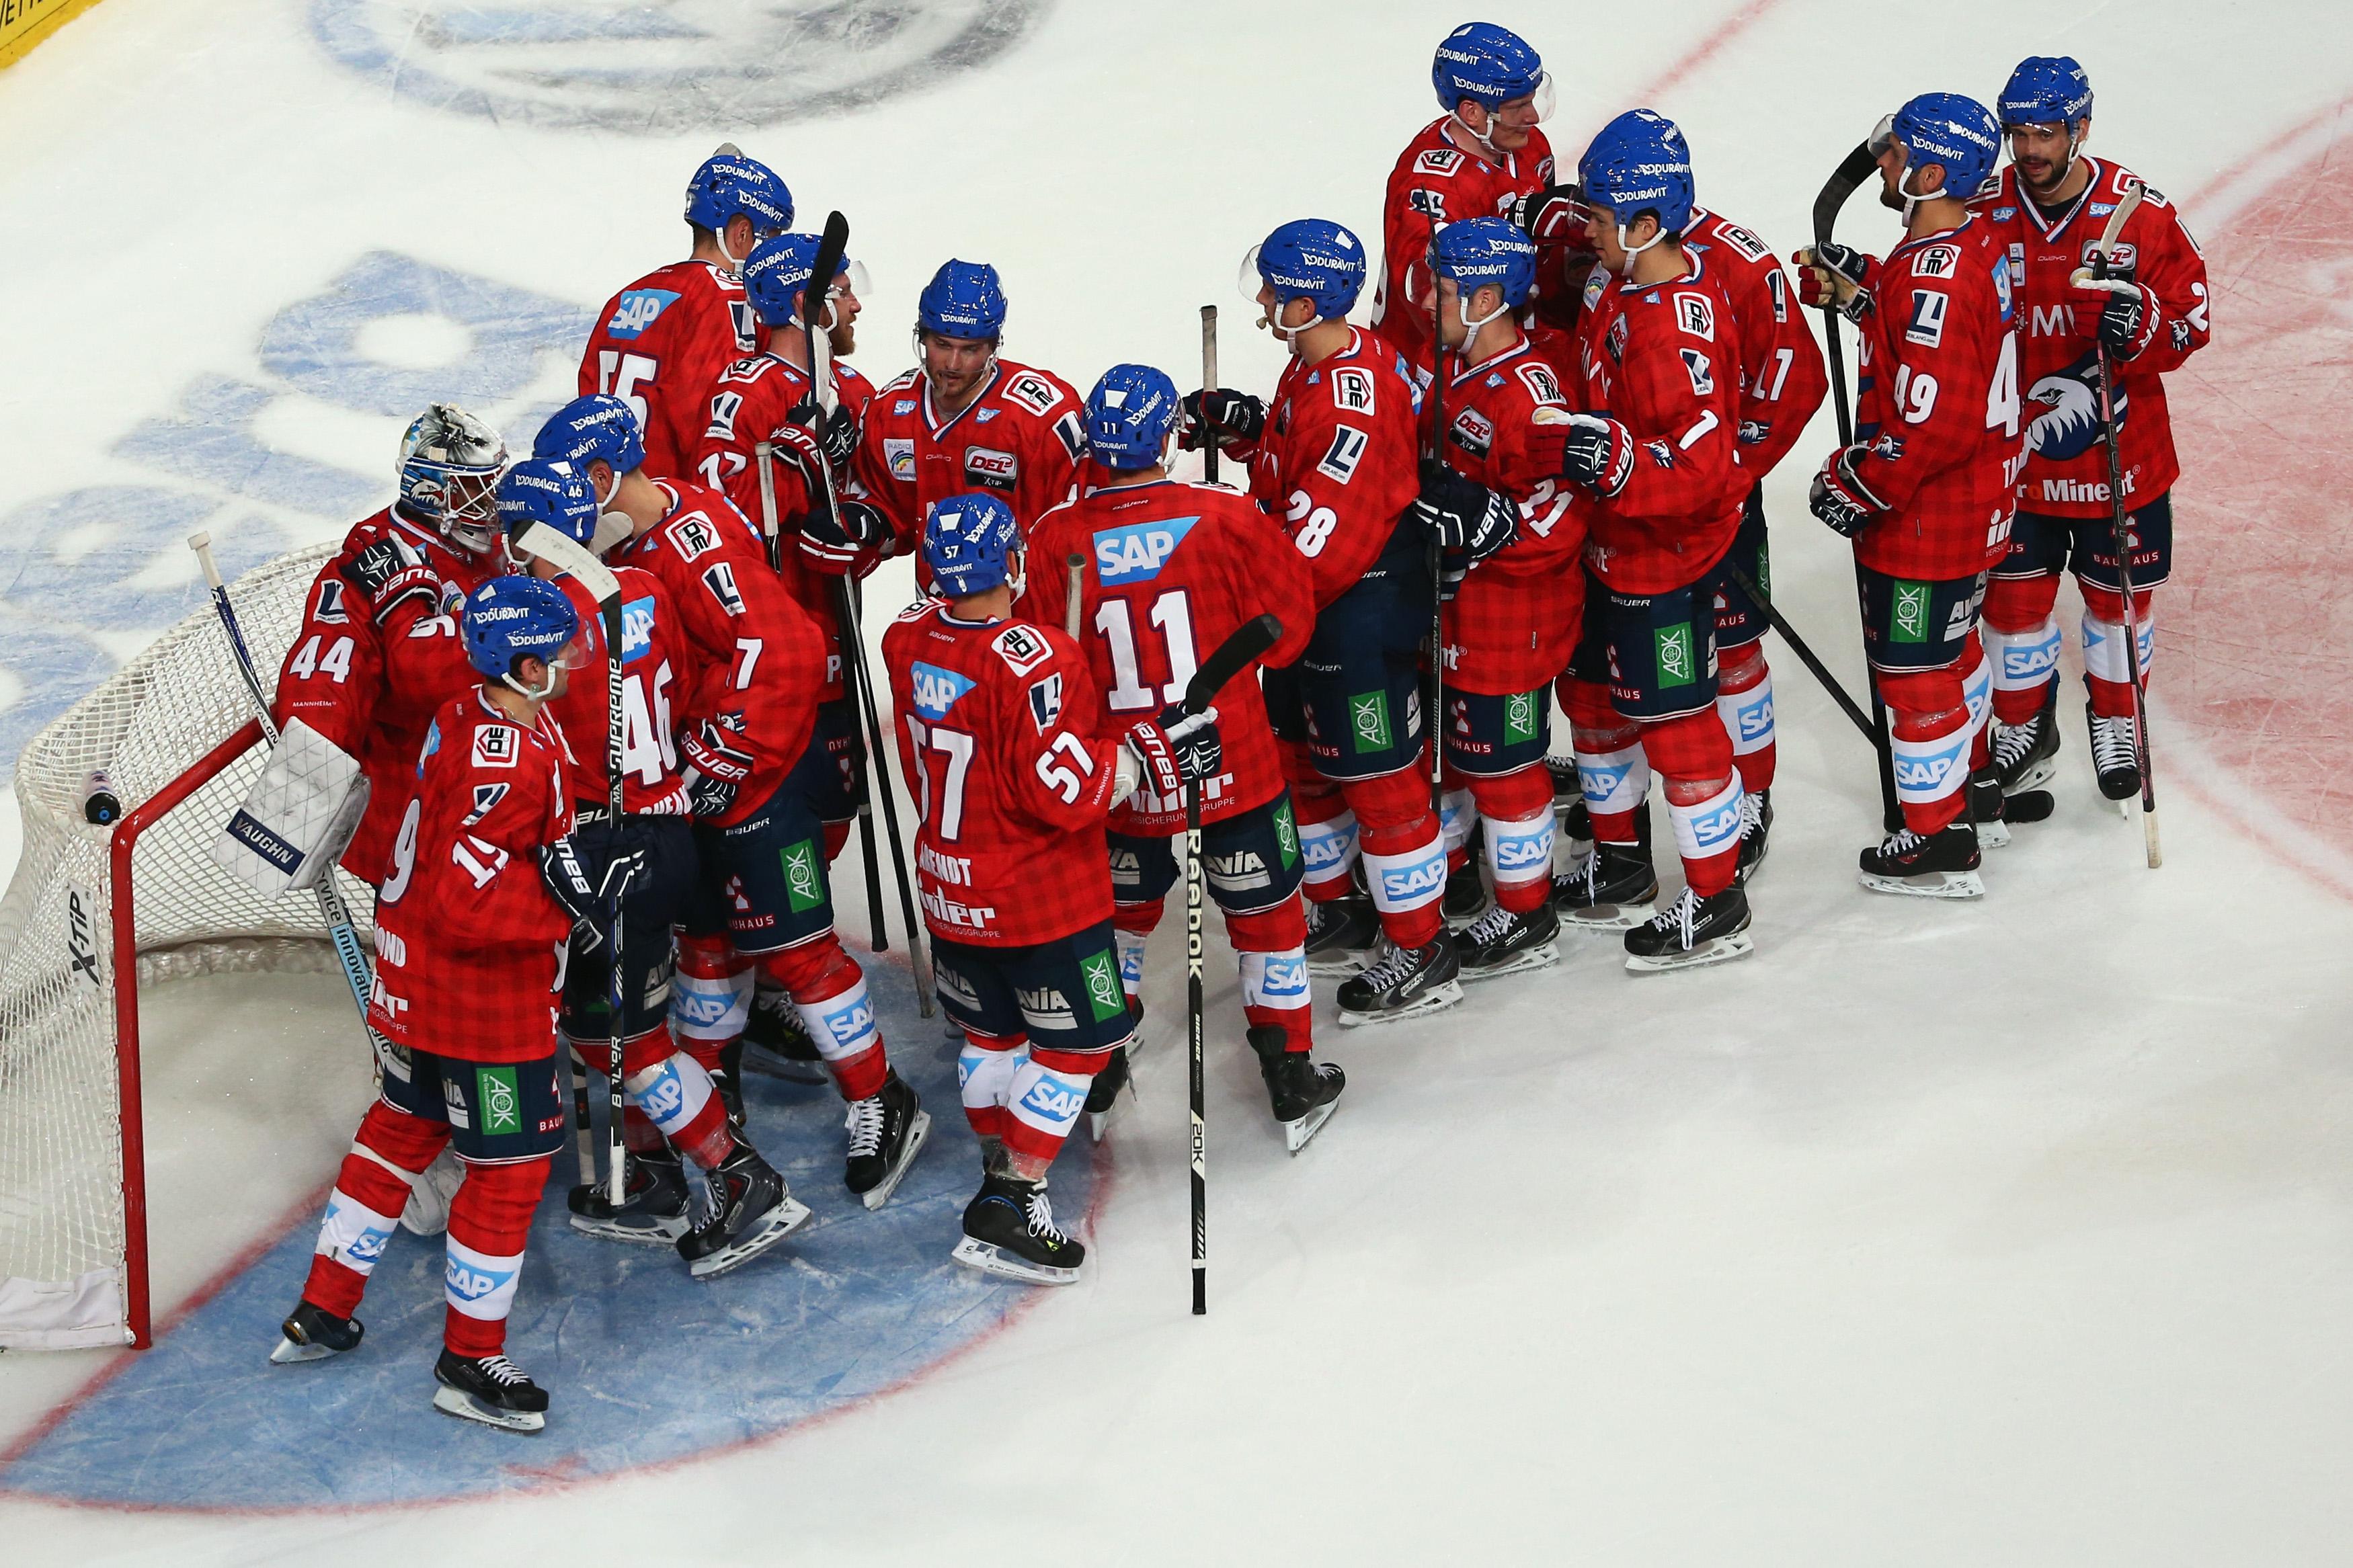 Adler Mannheim vs Krefled Pinguine Heute: Kostenlos Live-Stream, Live-Übertragung auf Servus TV